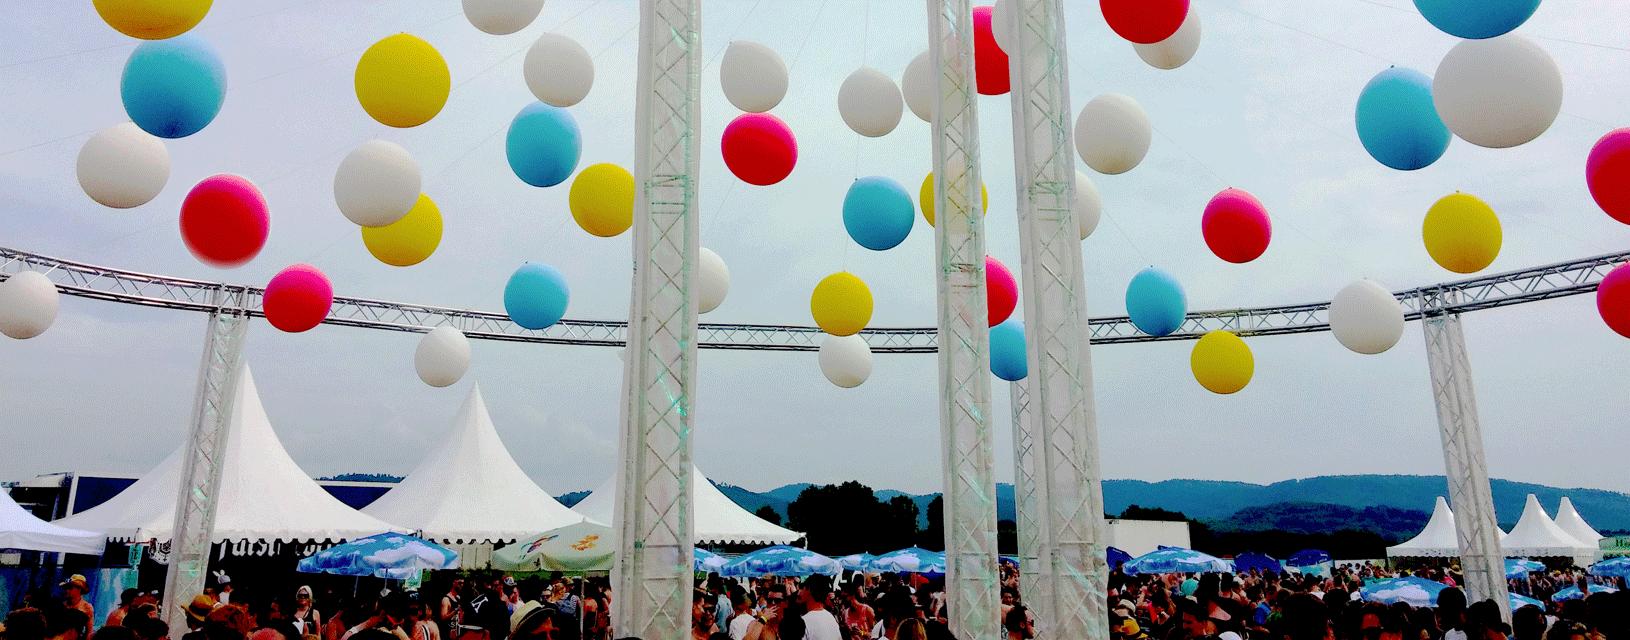 event-agentur-hamburg-events